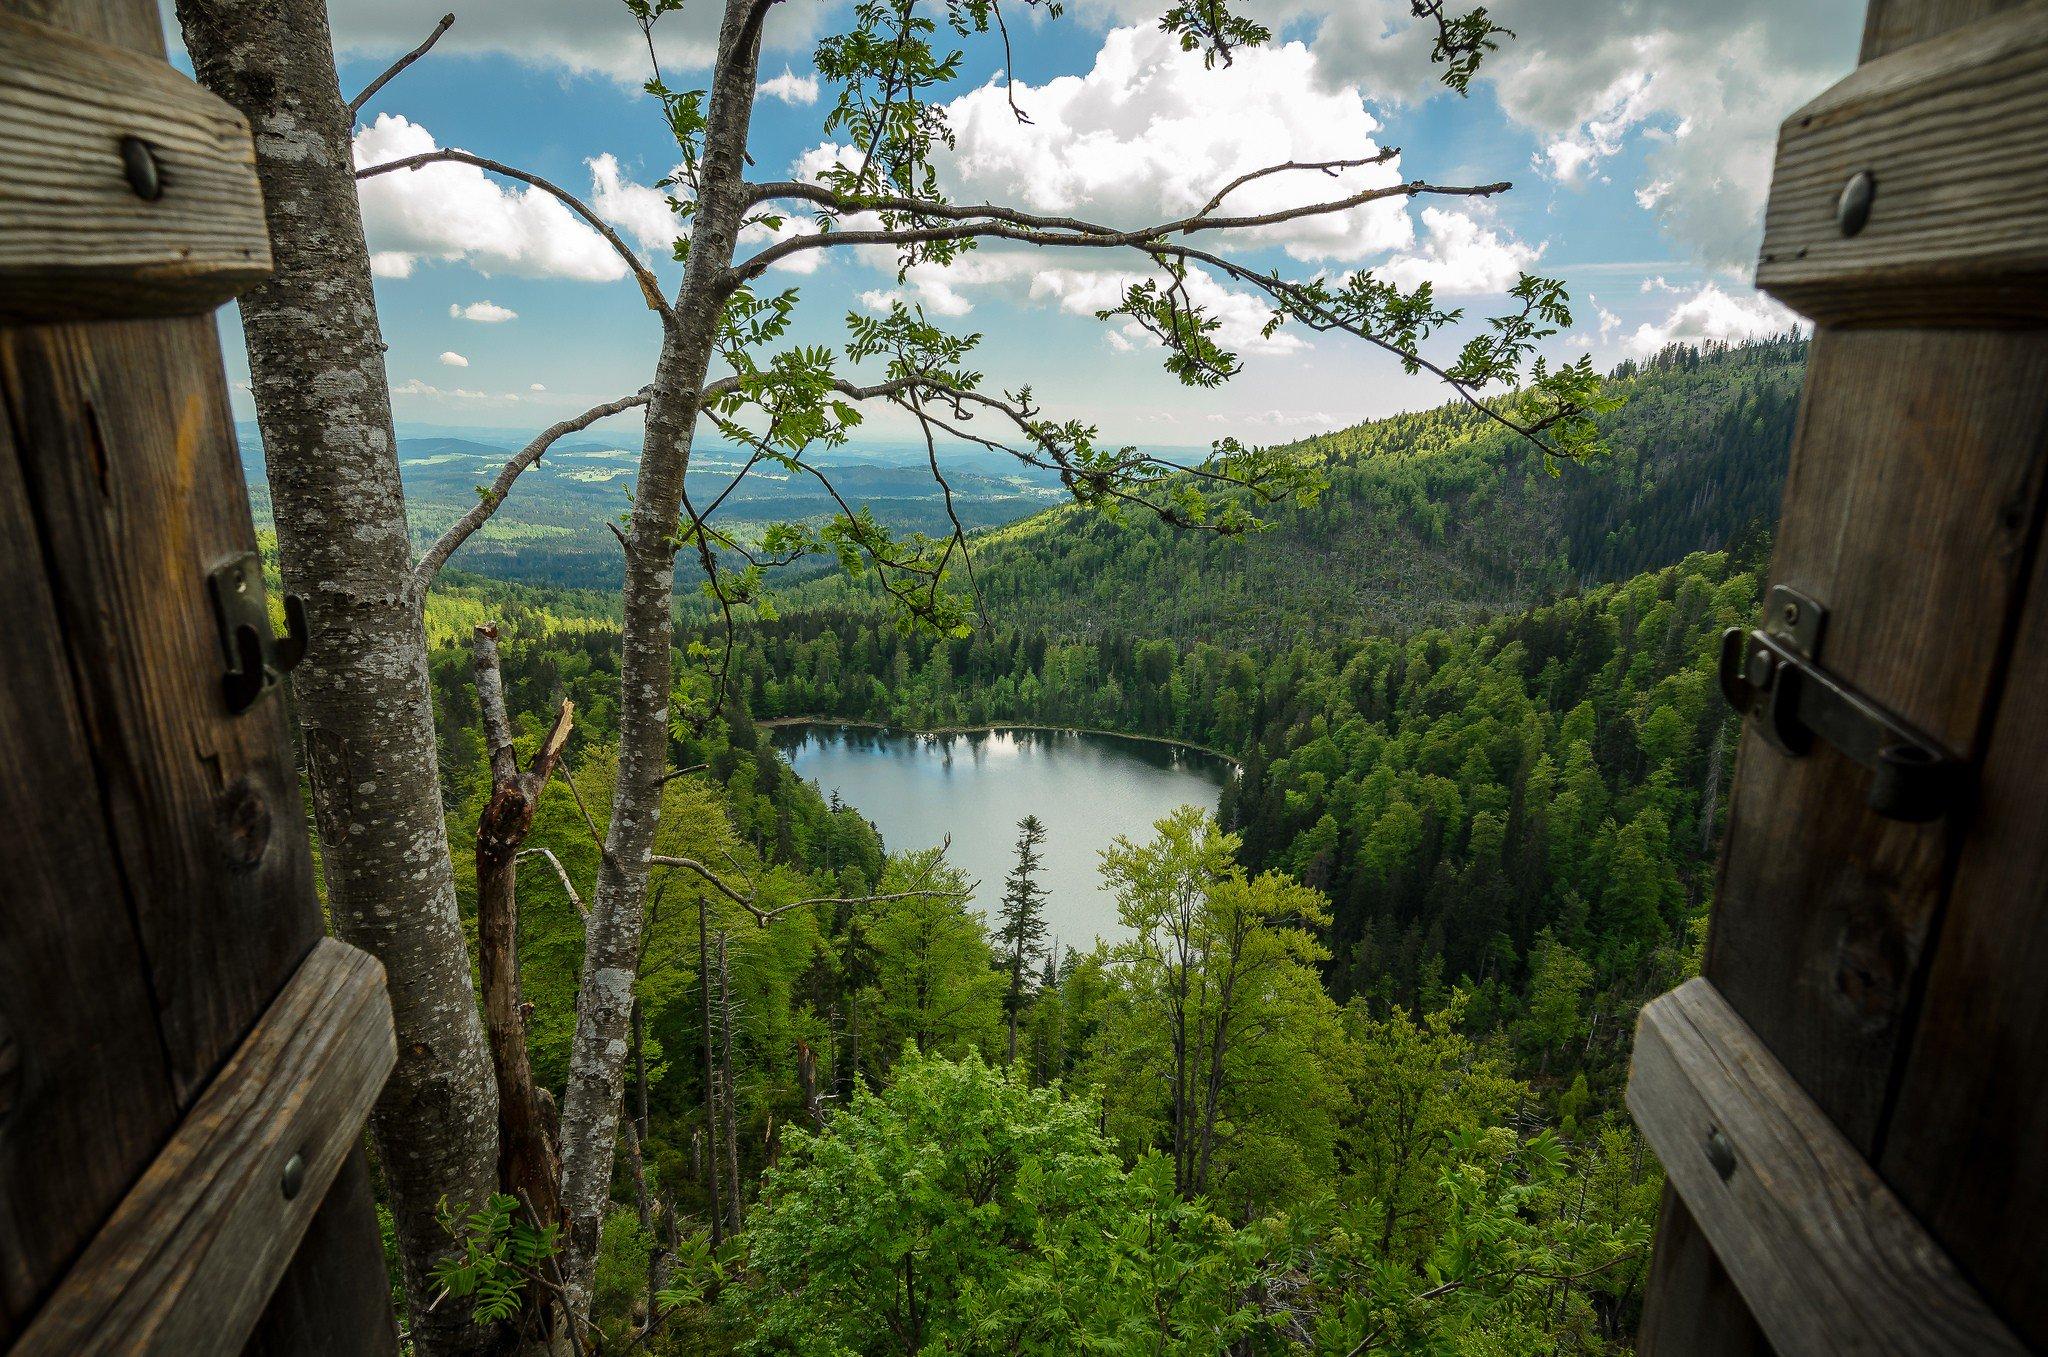 природа озеро дом лес деревья  № 2447949  скачать